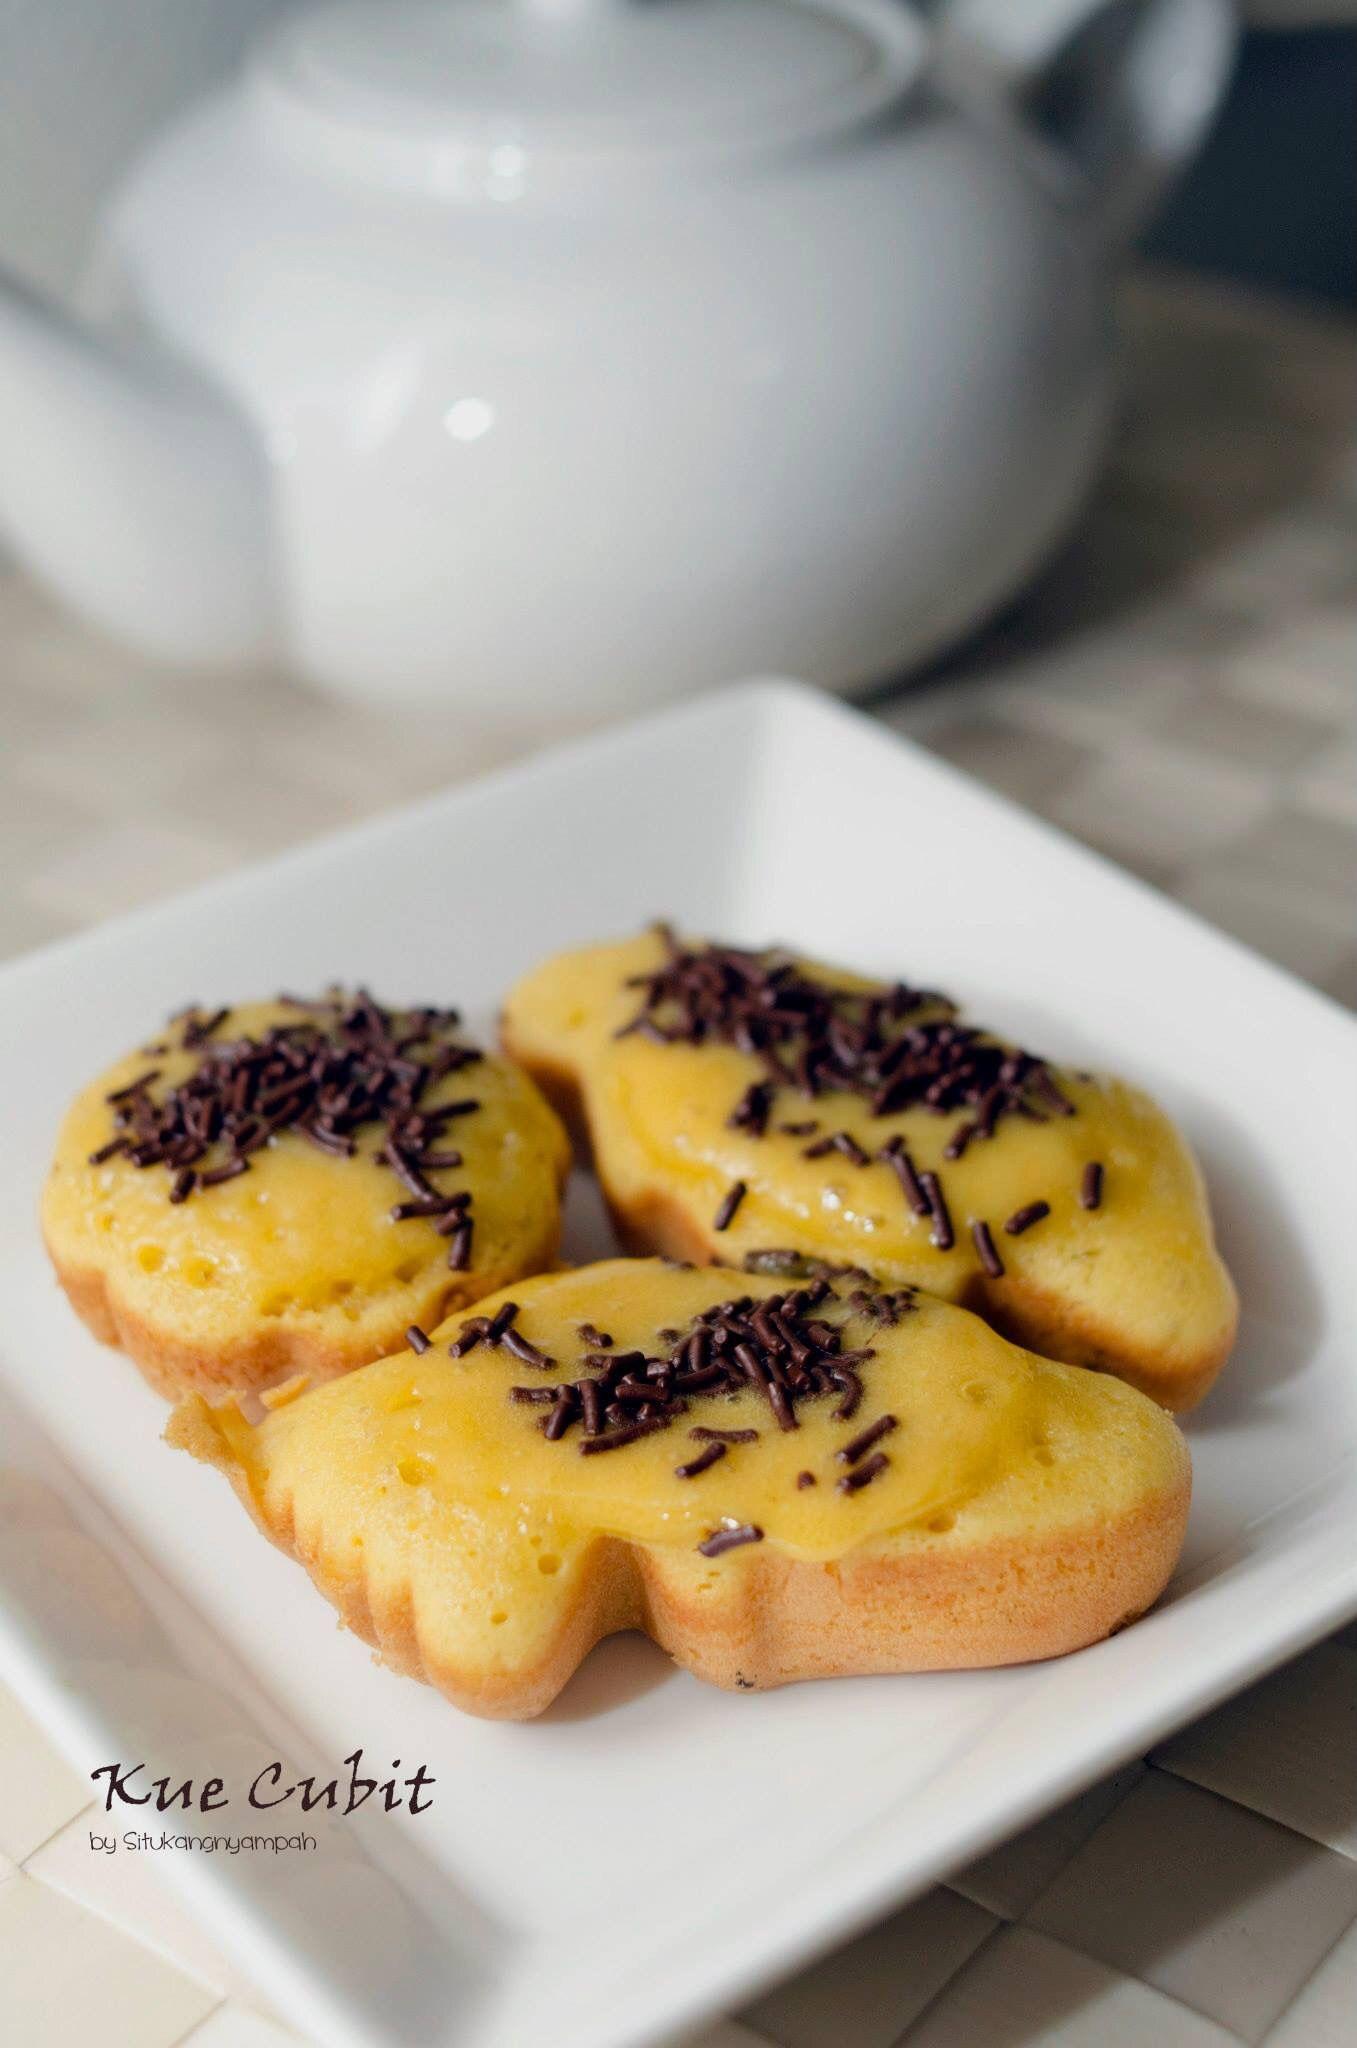 Resep Kue Cubit Junk Thought Resep Resep Kue Resep Makanan